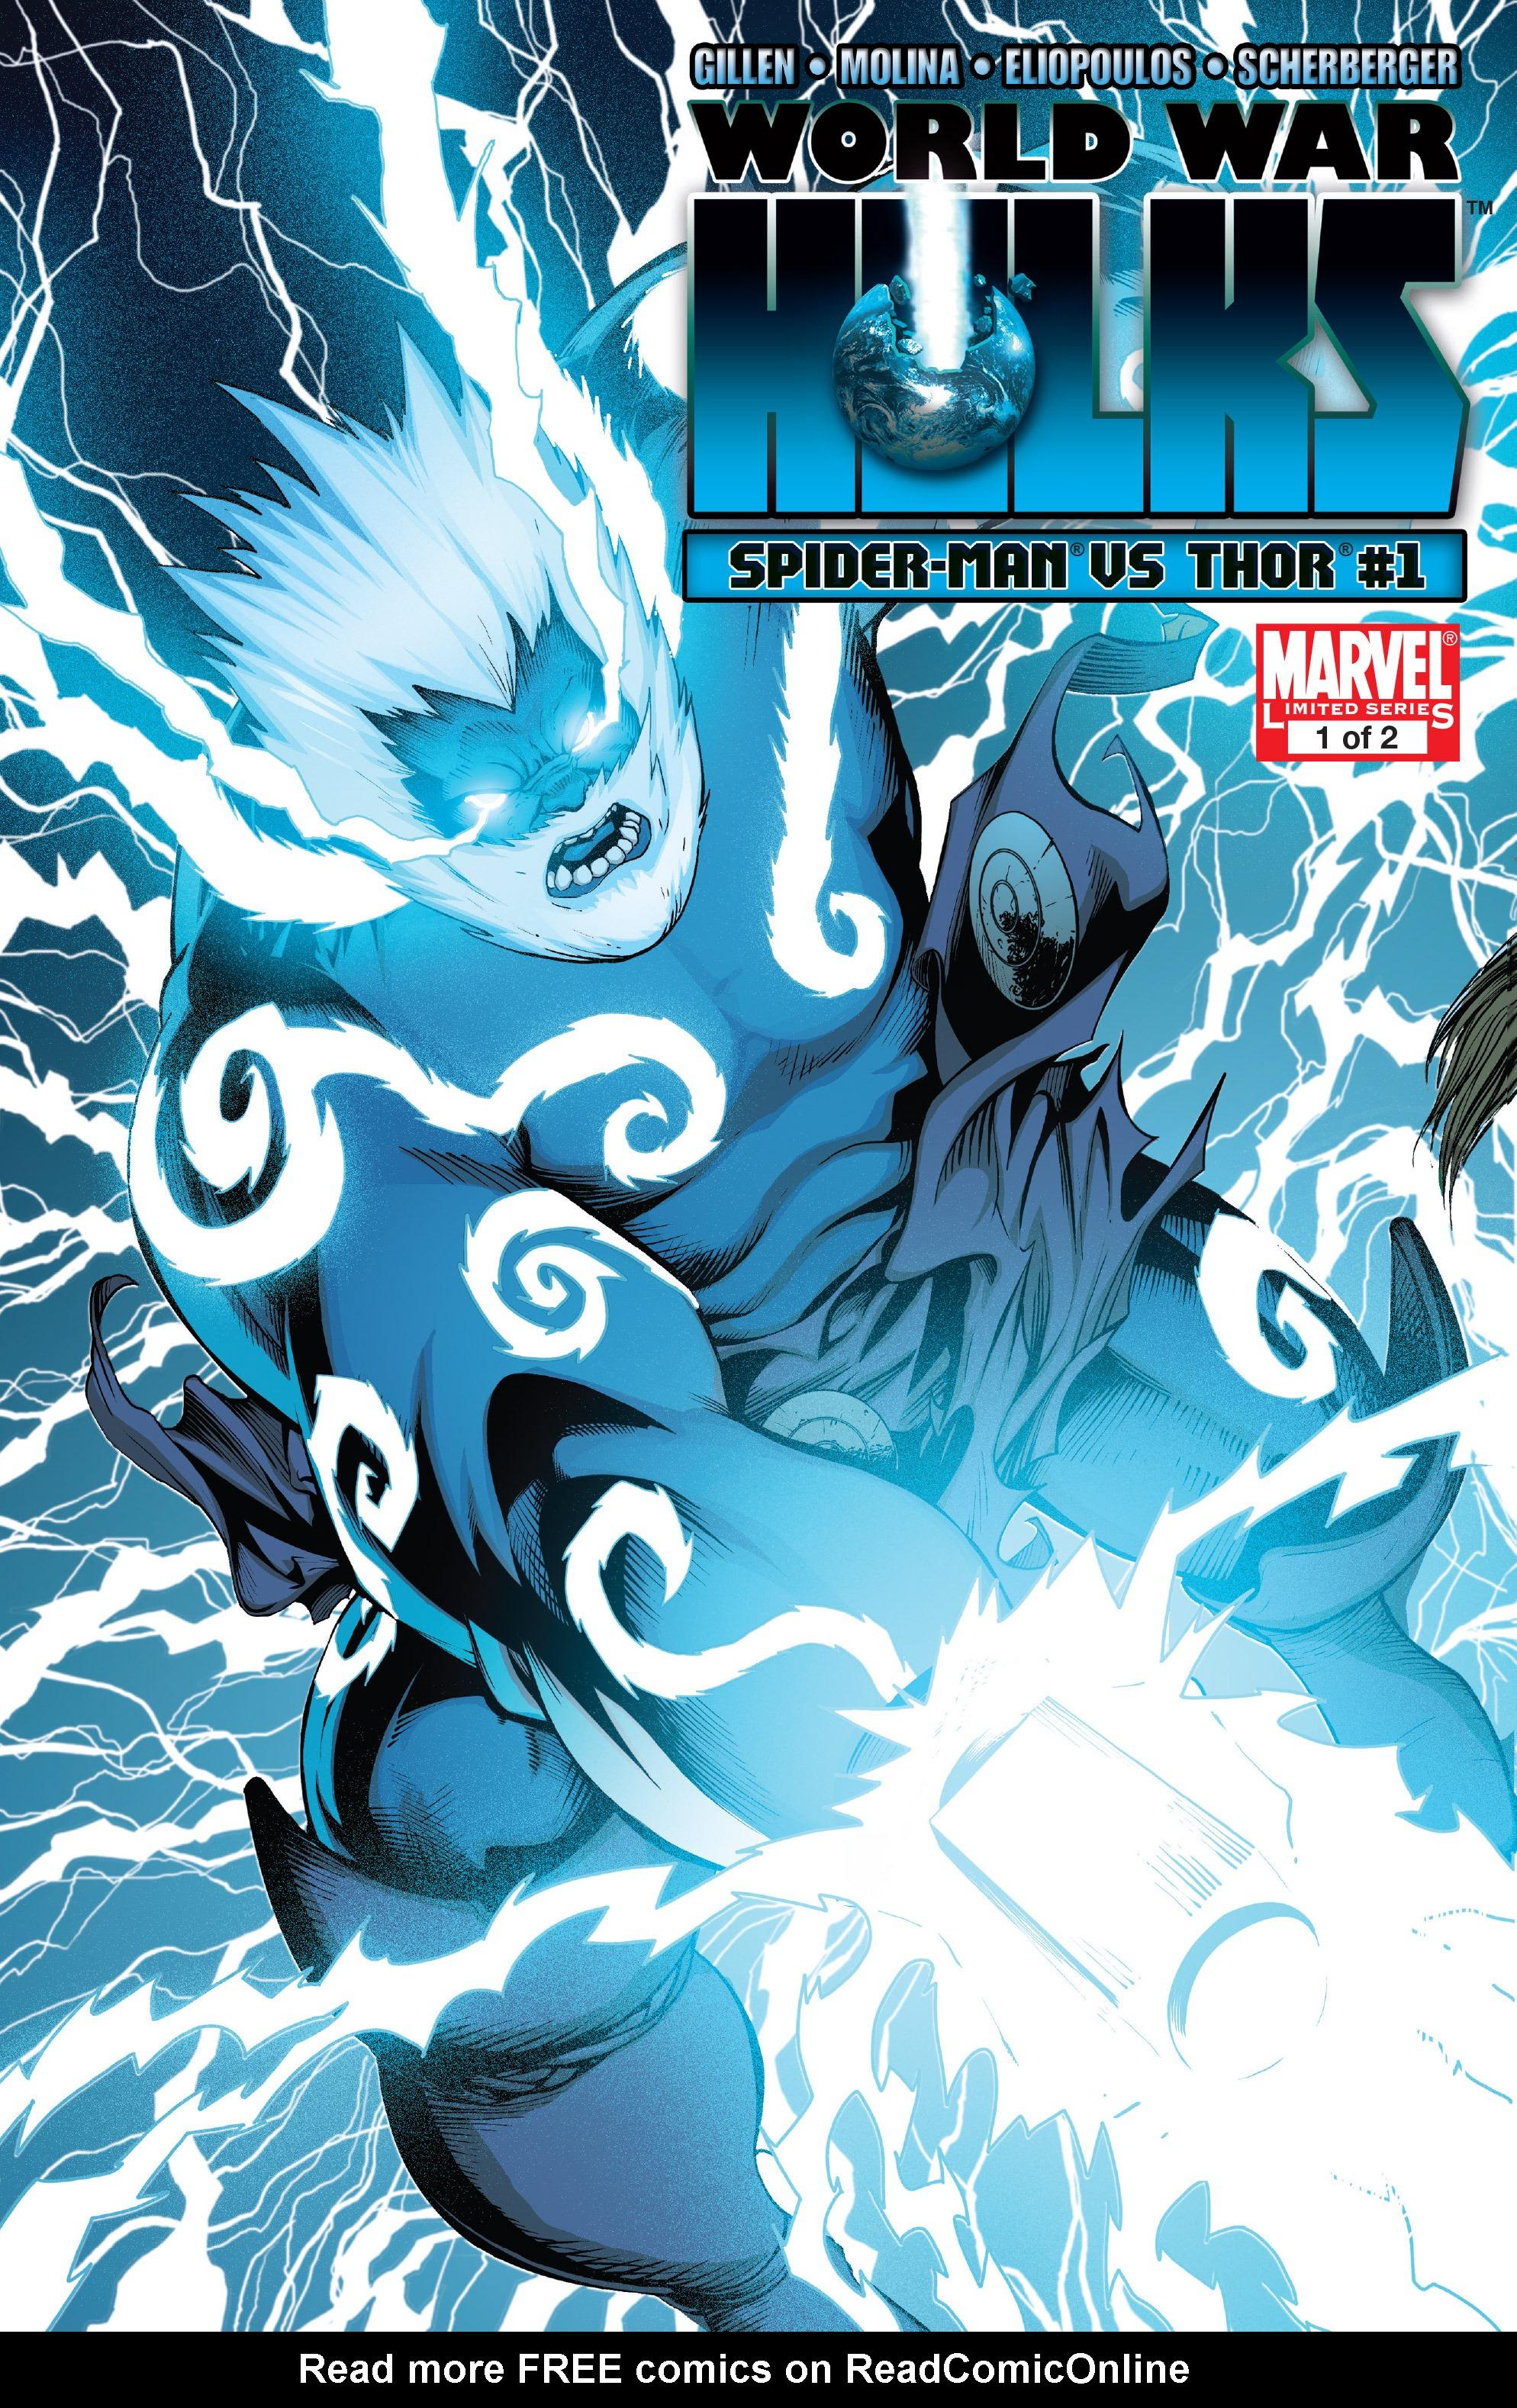 Read online World War Hulks: Spider-Man vs. Thor comic -  Issue #1 - 1